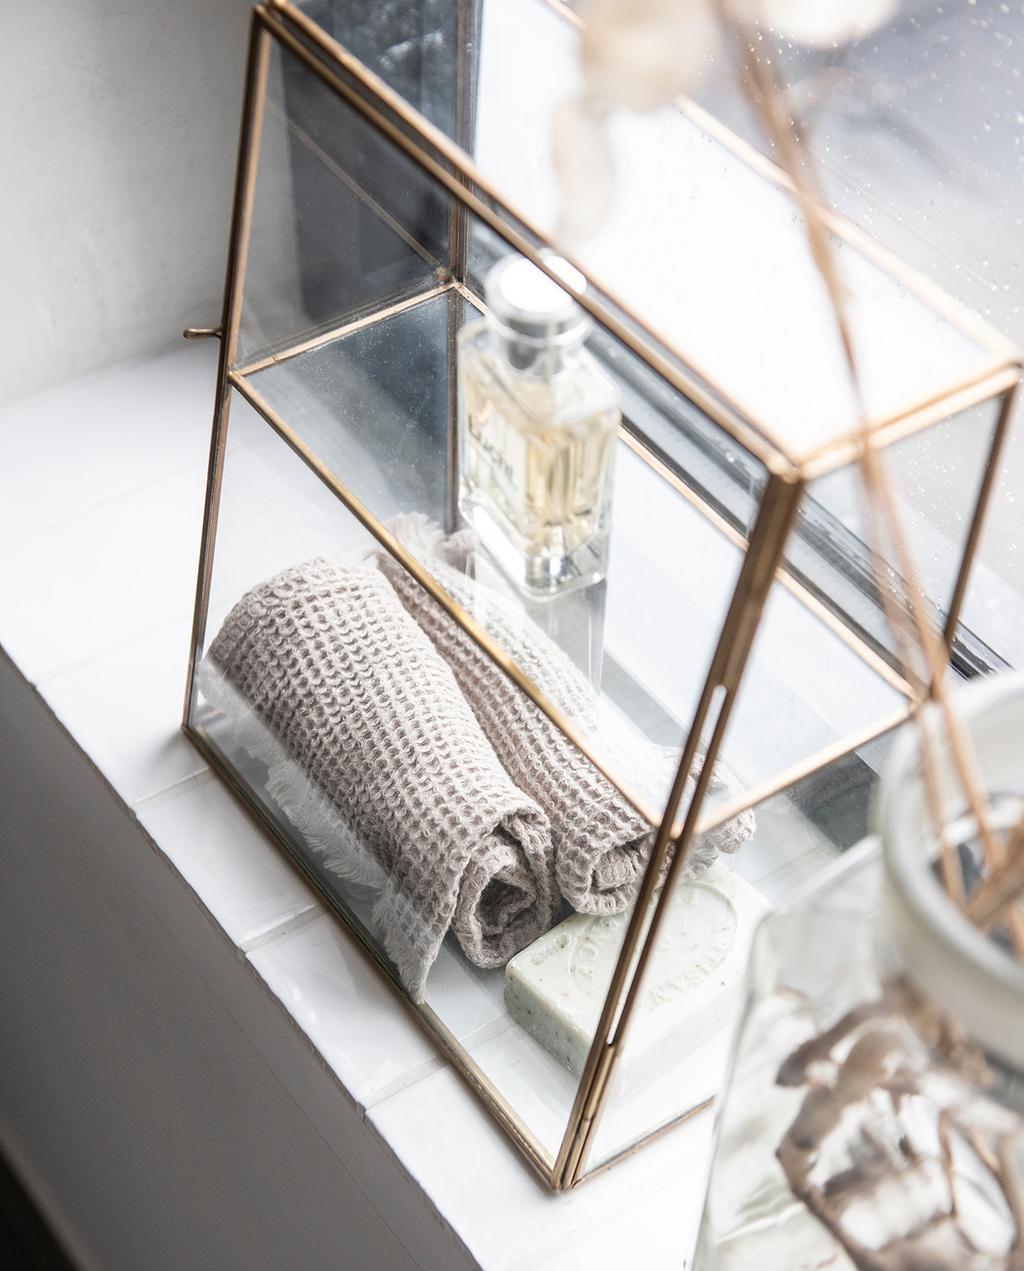 vtwonen 04-2021 | sieraden kast van glas en koper met parfum